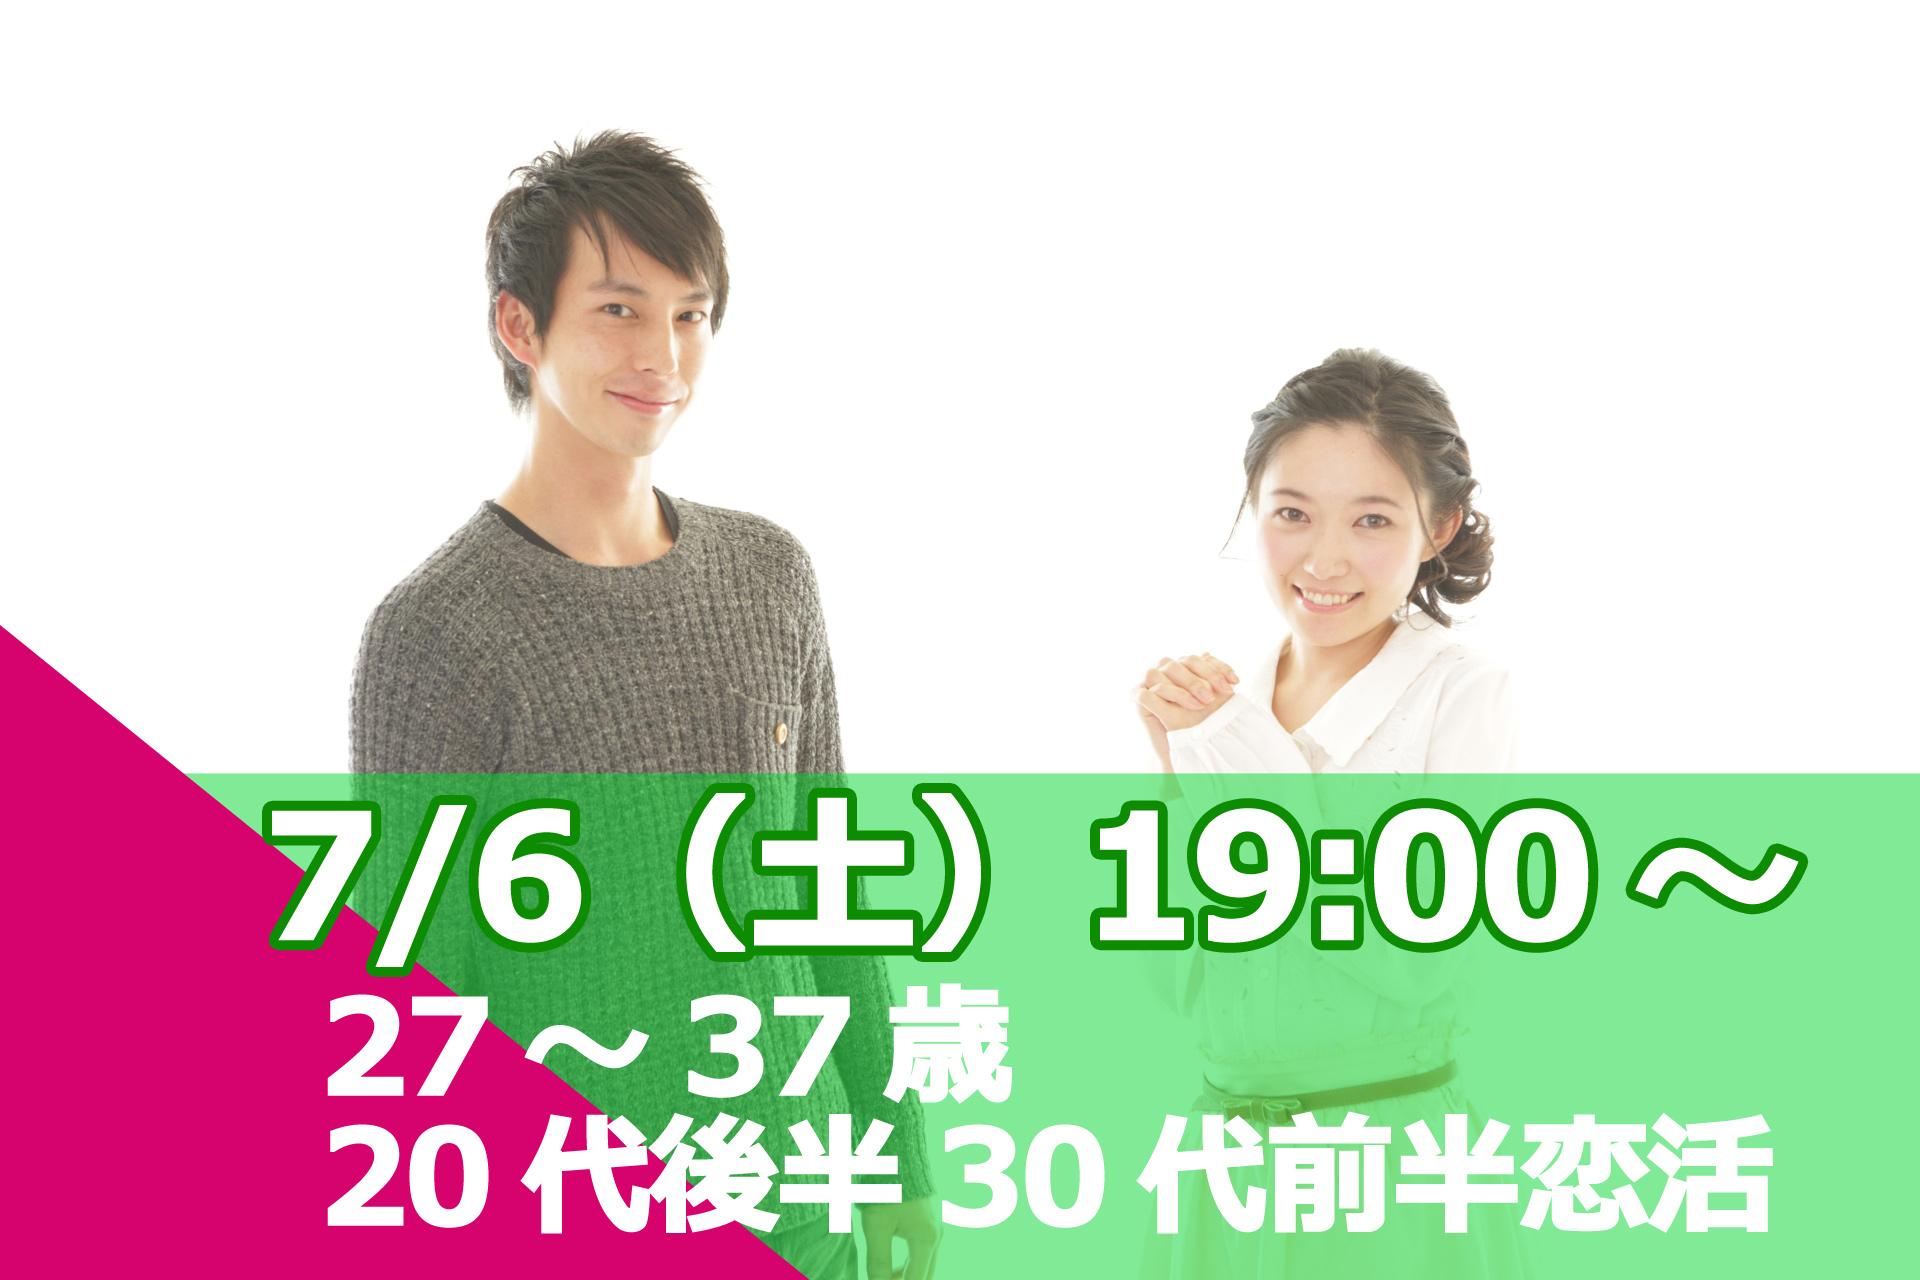 【終了】7月6日(土)19時~【27~37歳】友達から!!20代後半30代前半恋活!